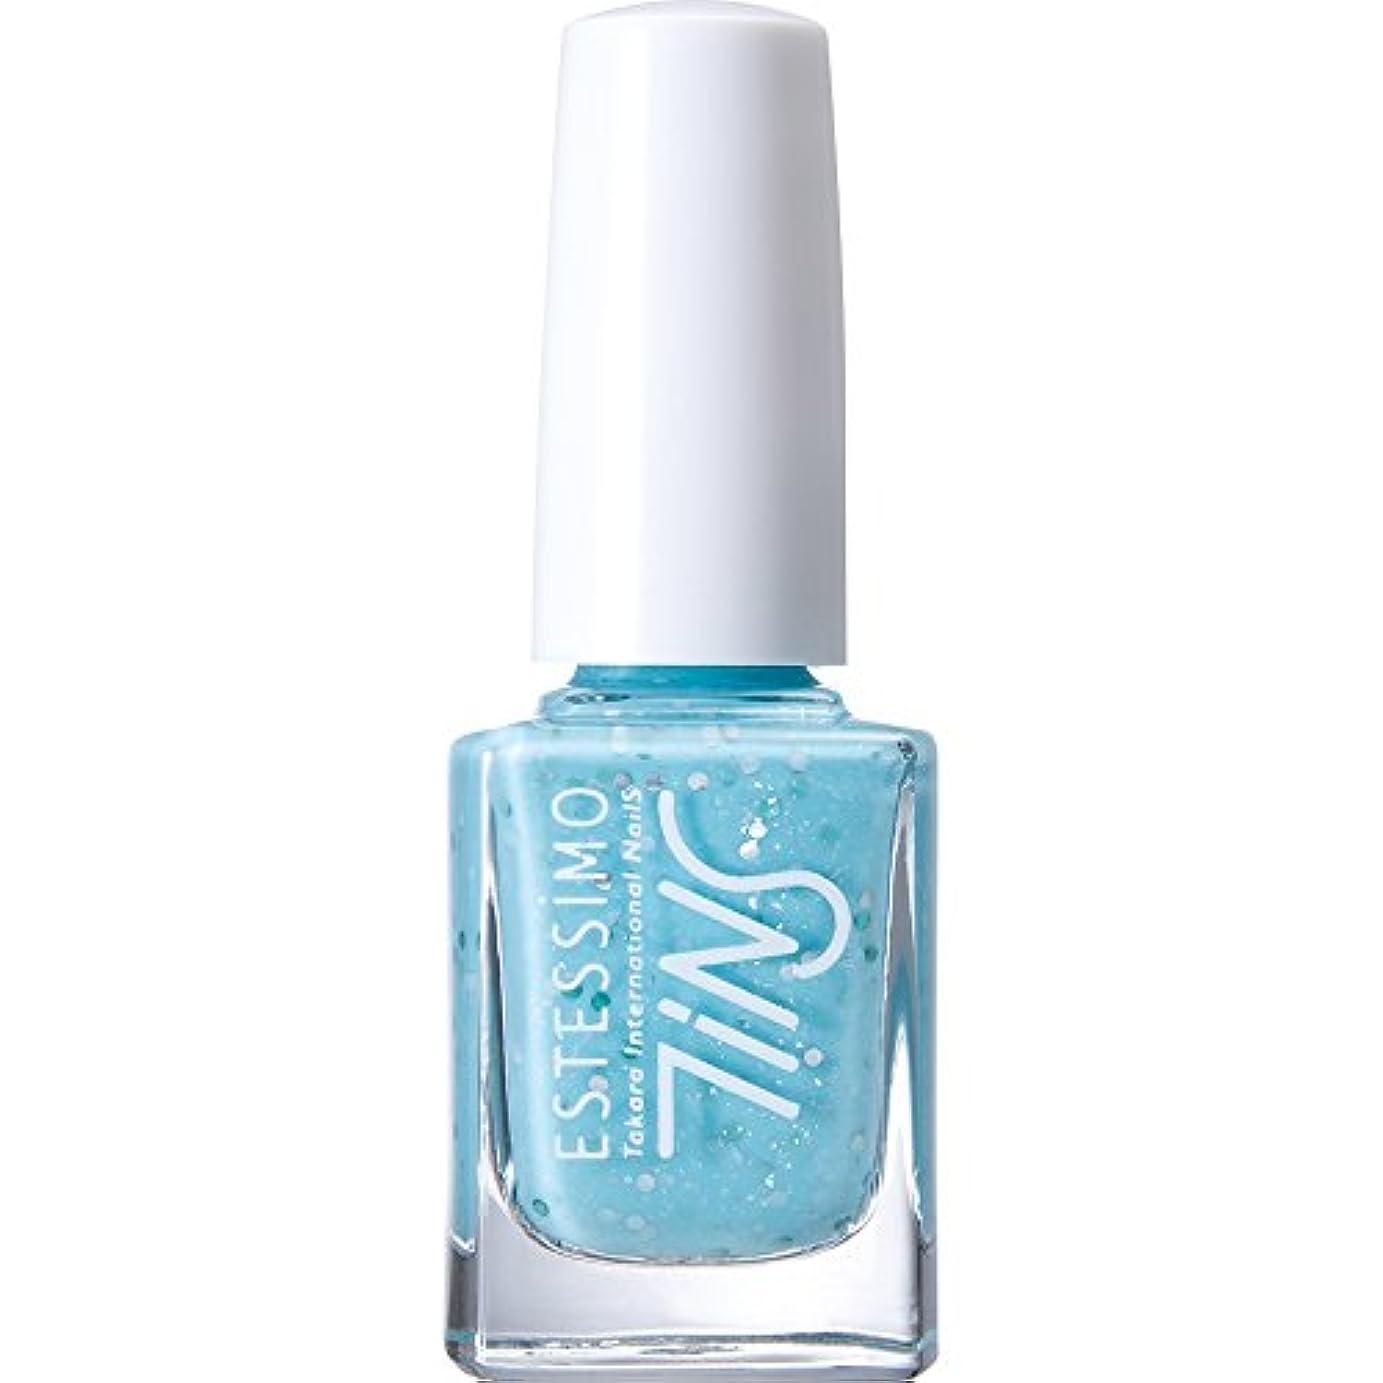 マーガレットミッチェル流暢周辺TiNS カラーポリッシュ 804 フィジーブルーパンチ 11ml 2015年春の限定色「Sugarsprinkles! 」シリーズ